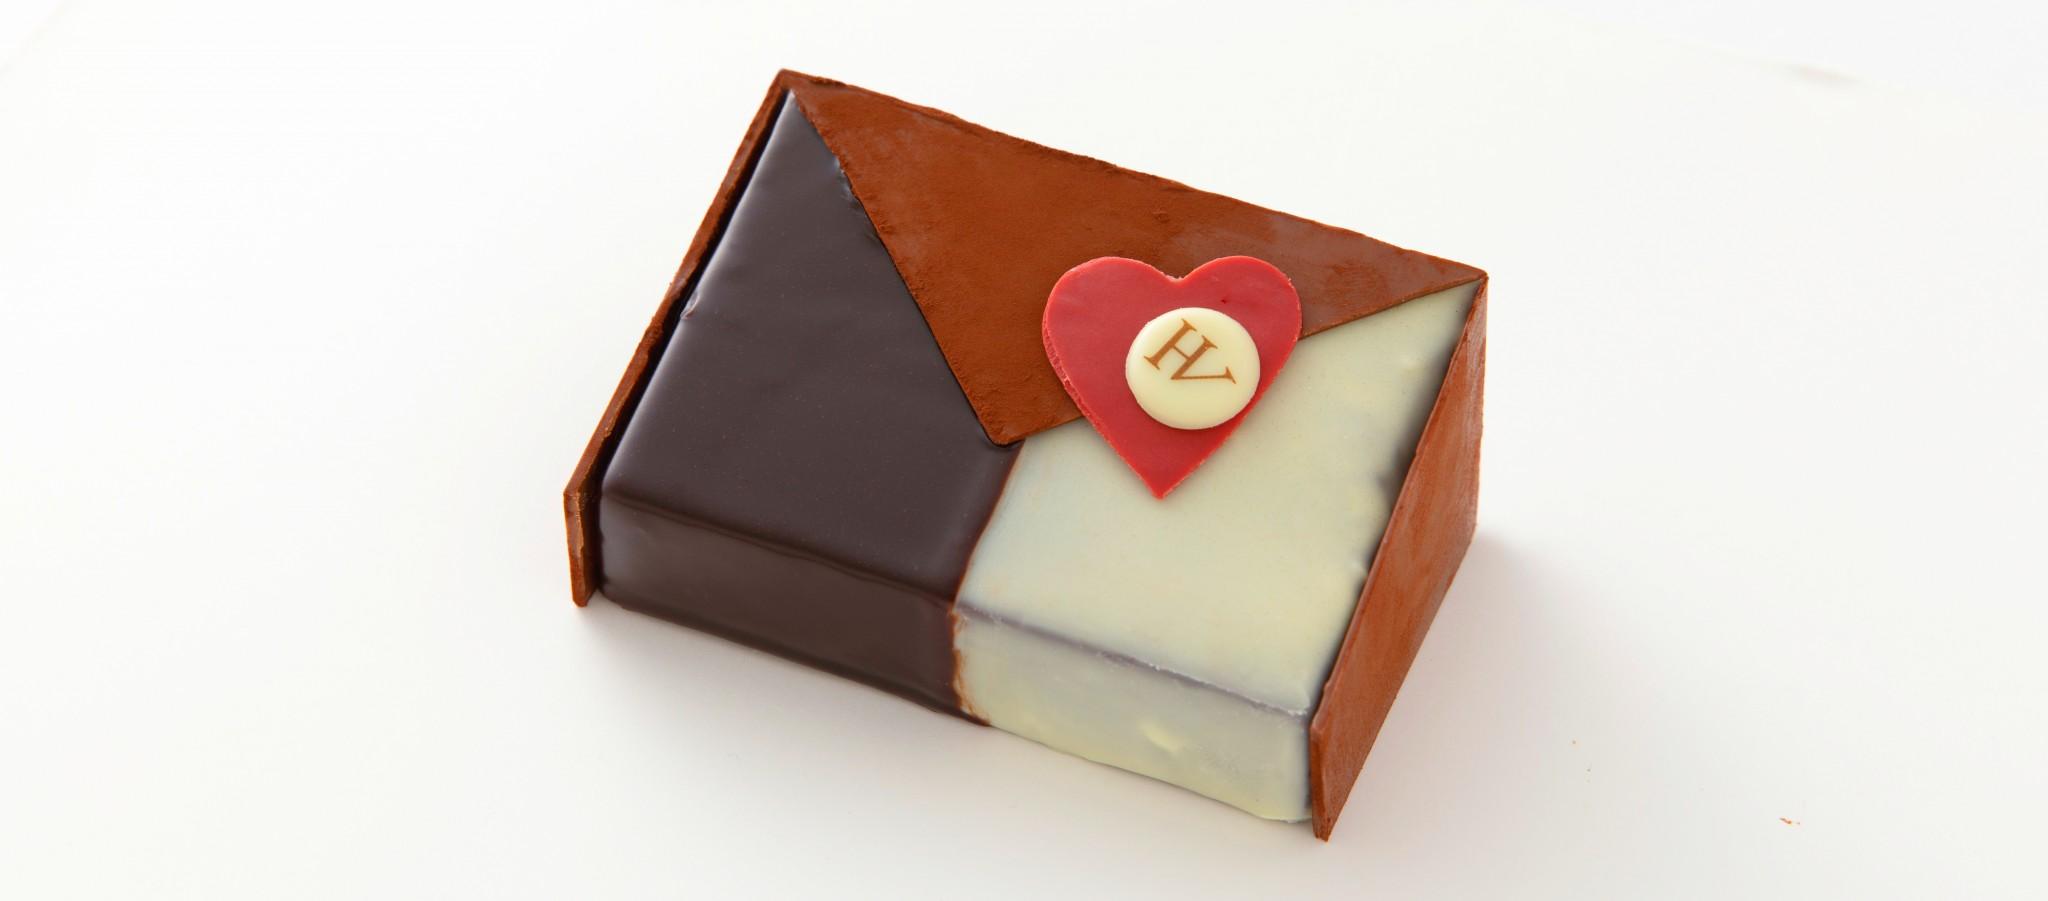 バレンタイン直前!2020年新作&名作チョコレート7選。砂糖不使用のブラウニーも。